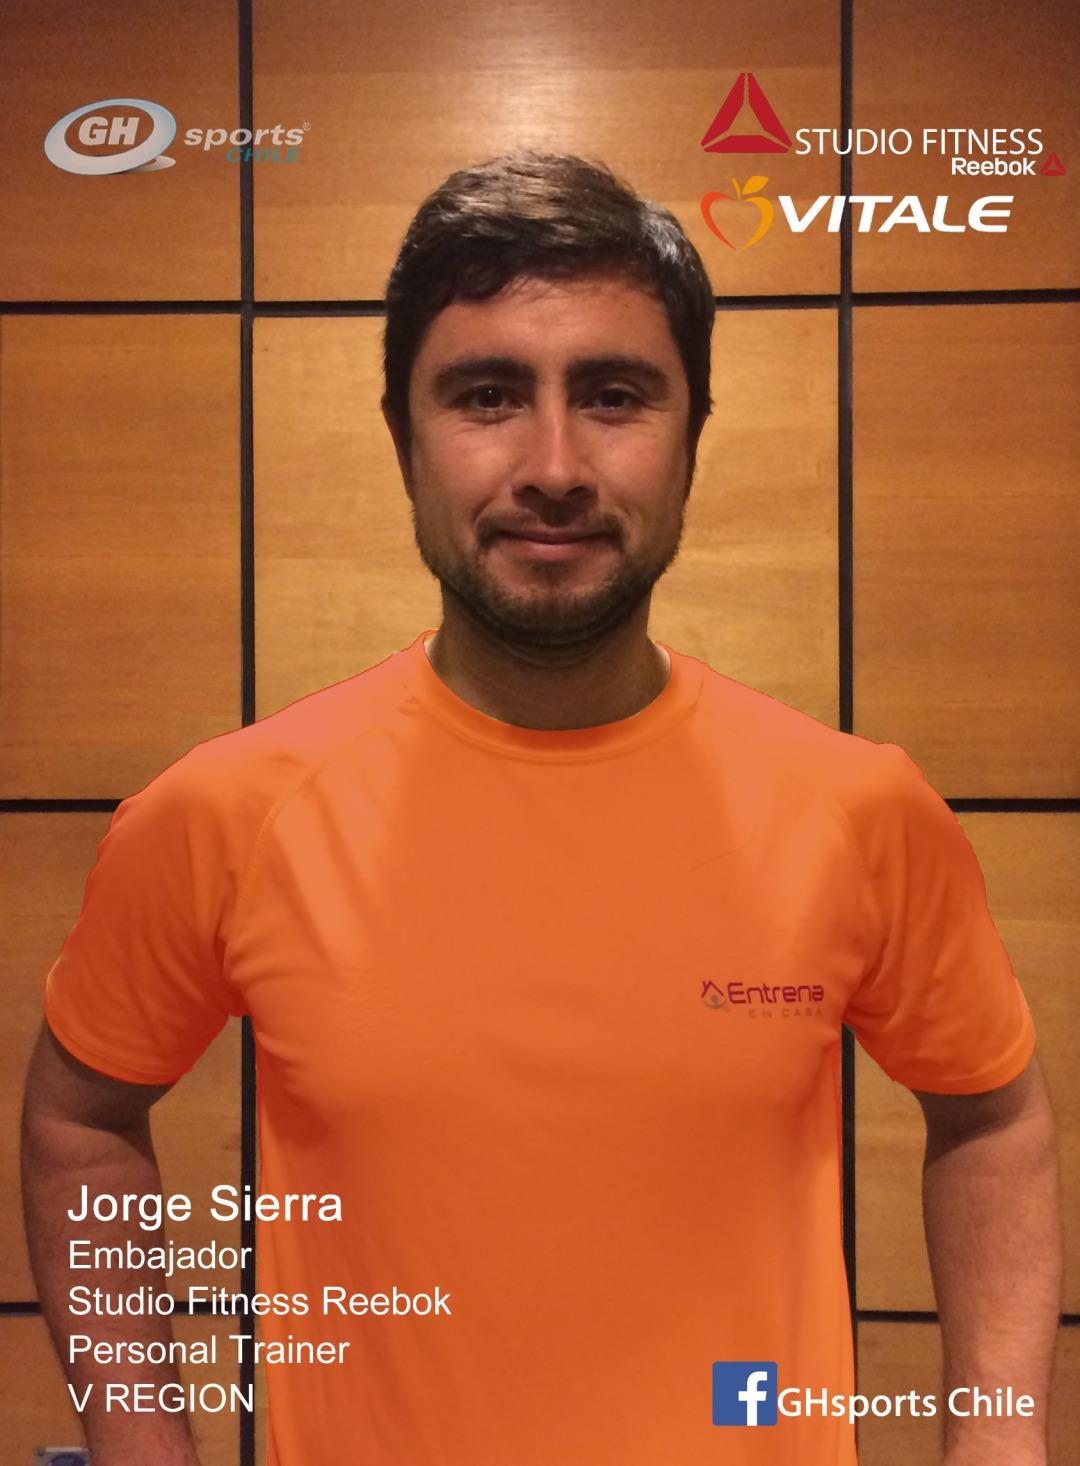 Jorge Sierra embajador